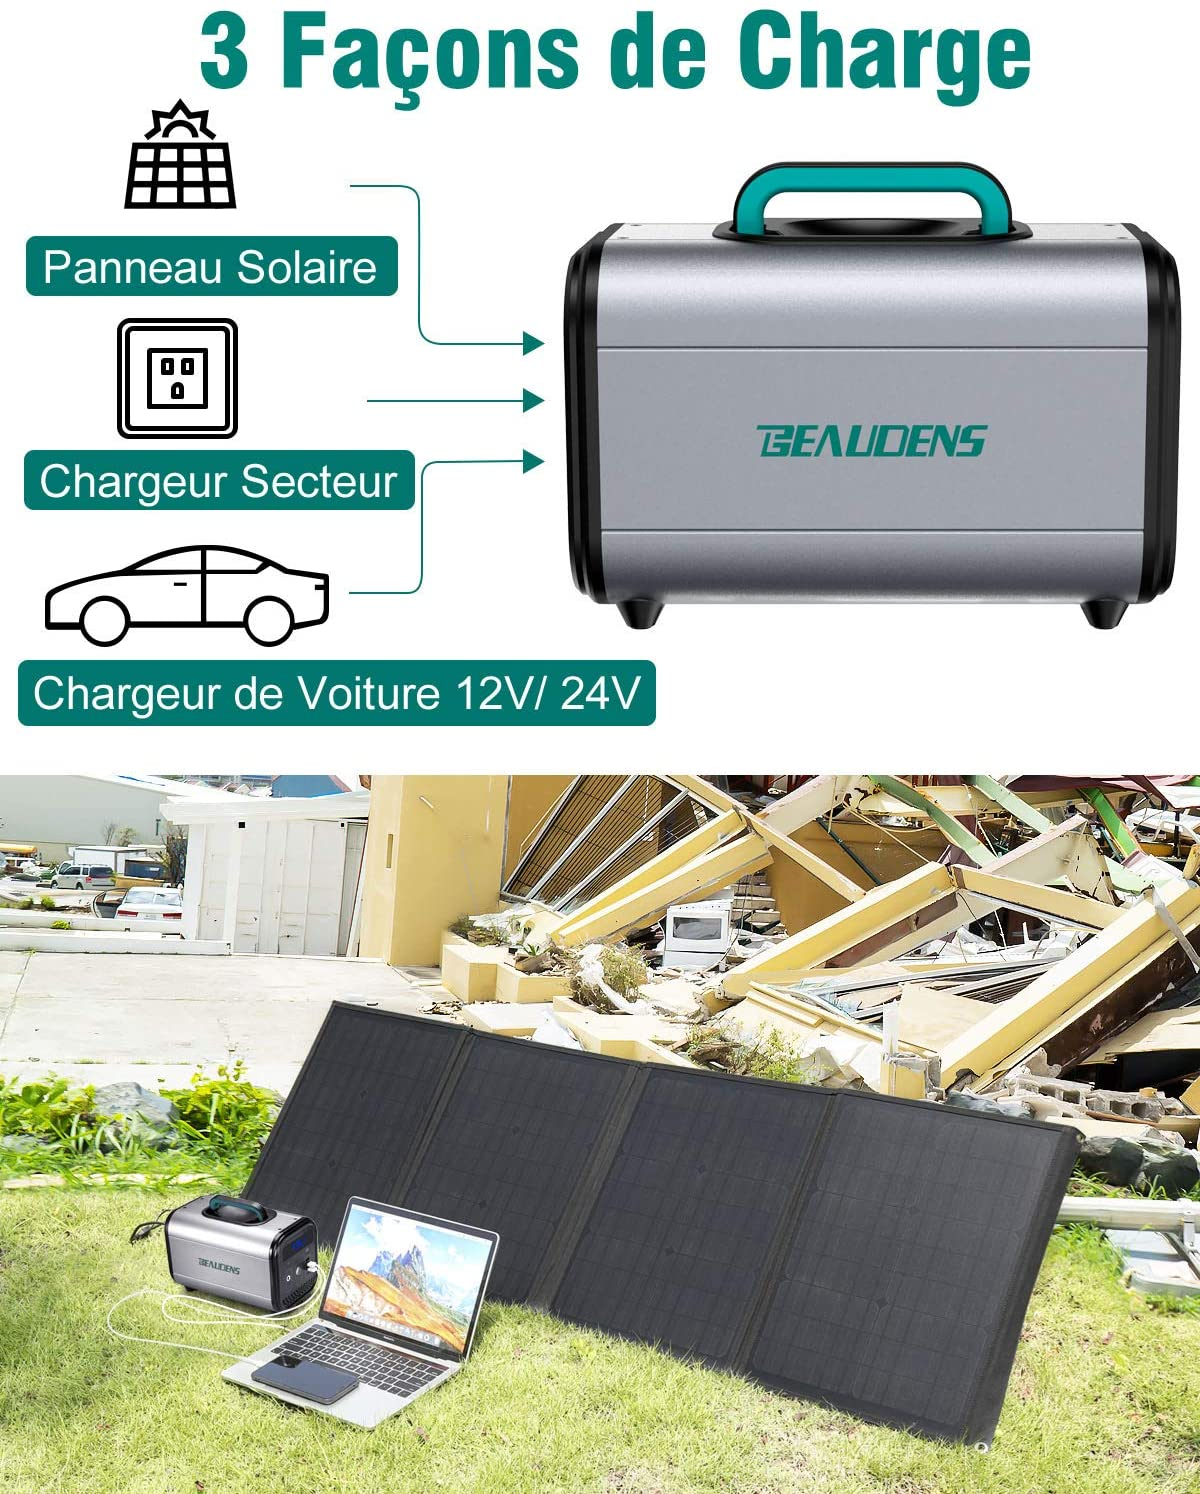 3 modes différents pour recharger le générateur solaire Beaudens 384Wh